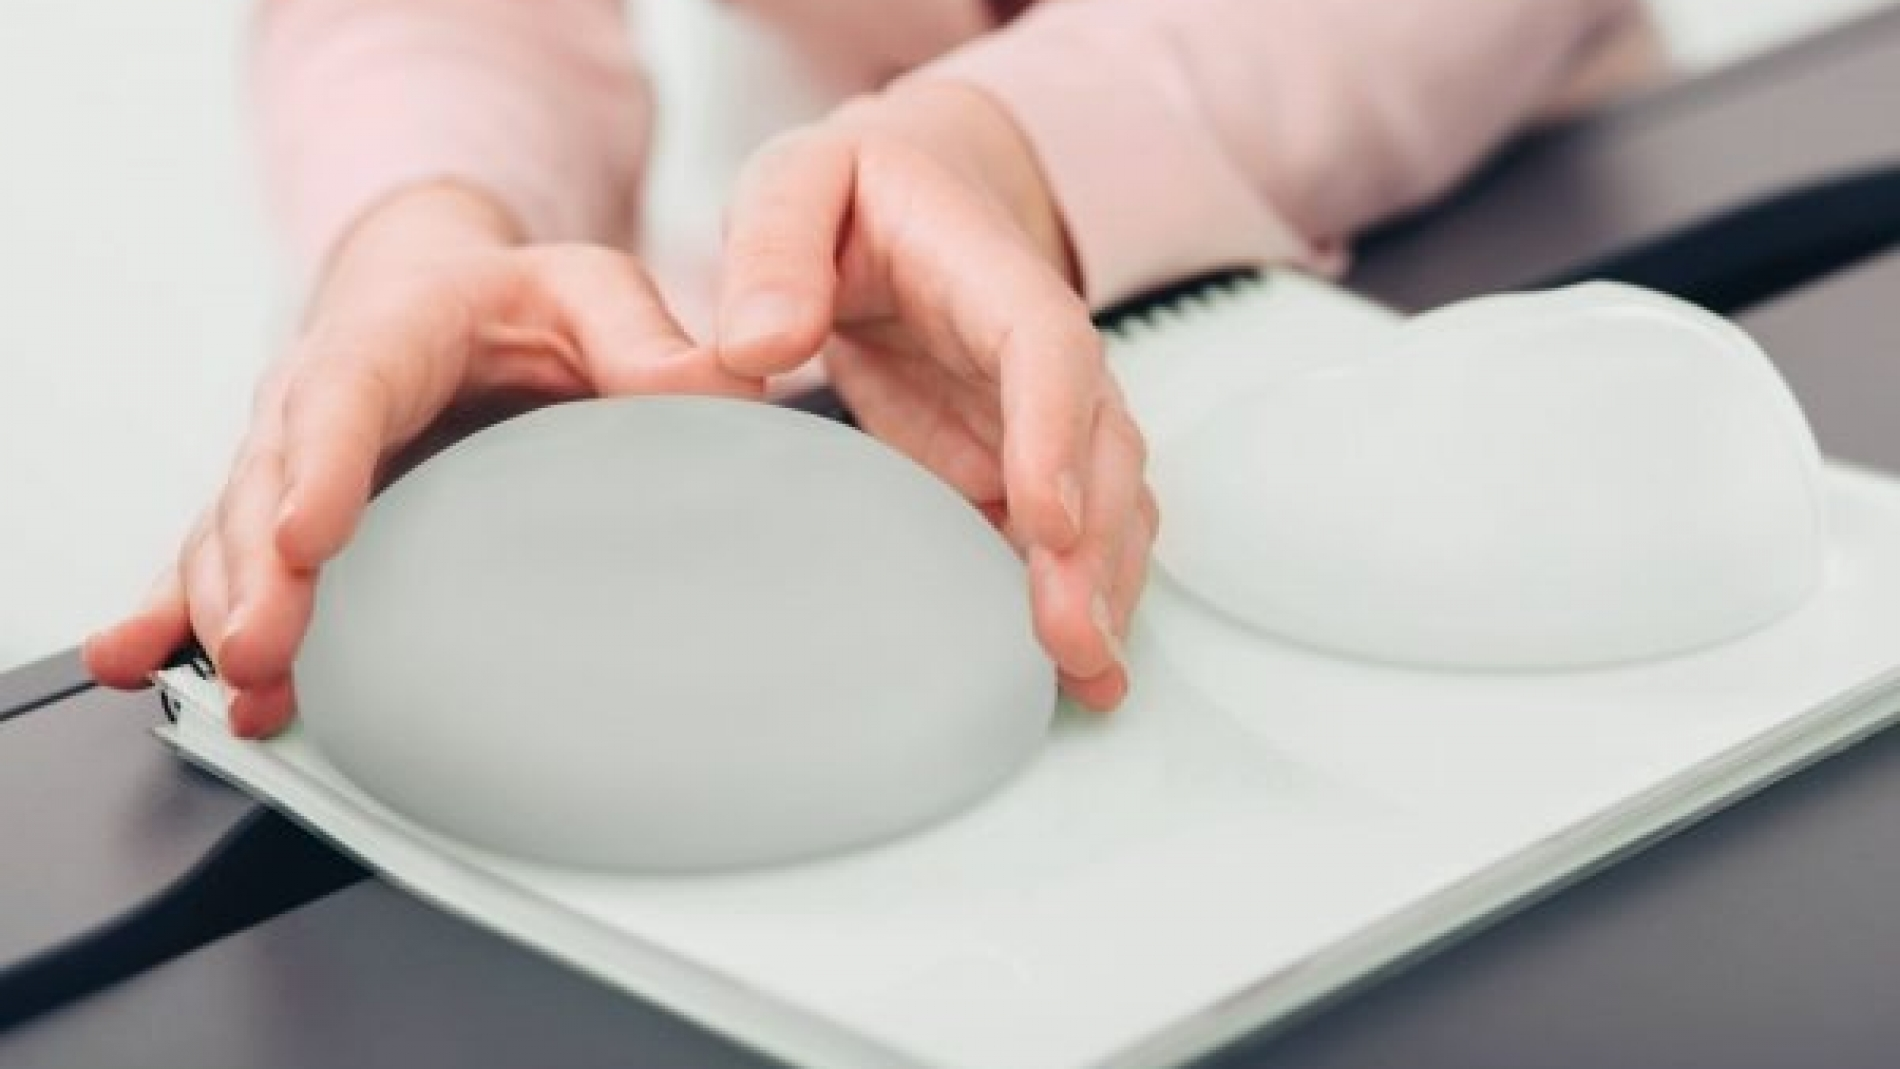 clinica de cirurgia plastica em santos dra ana lucia lemos protese de silicone tem validade